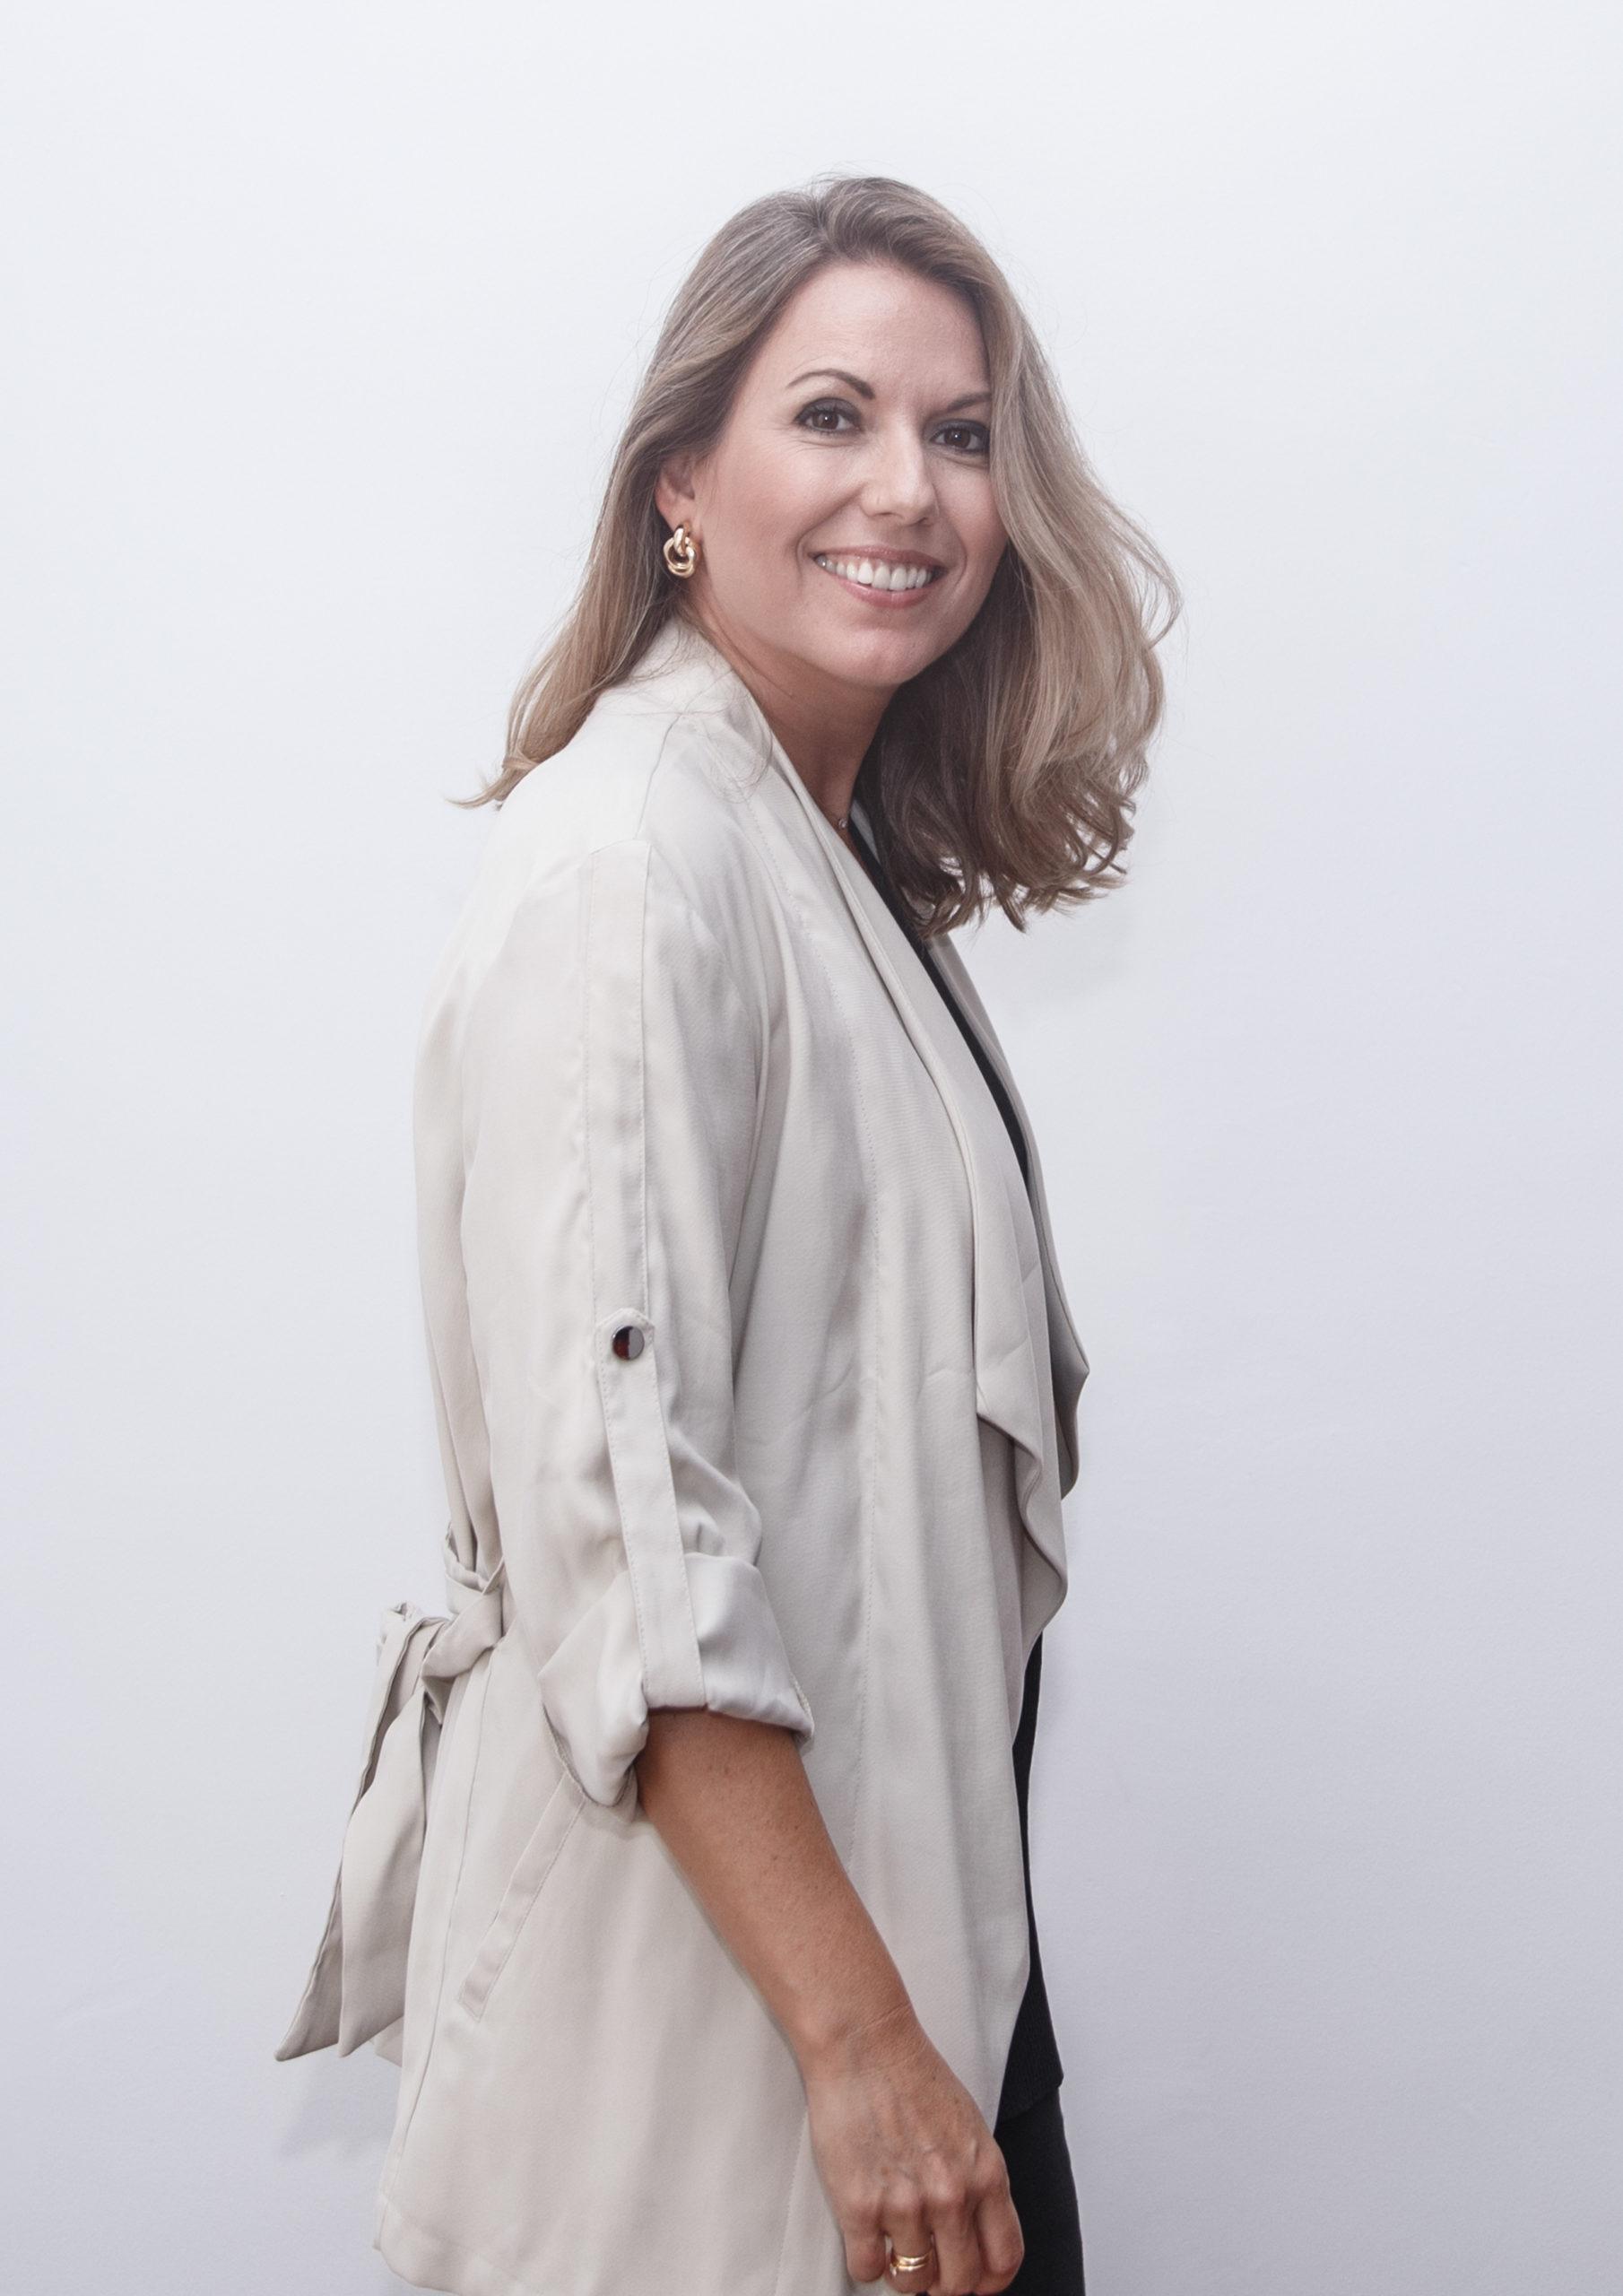 Natalia Corbalán, CEO de la Fundación Ingenio escribe una carta a la ministra del MITECO